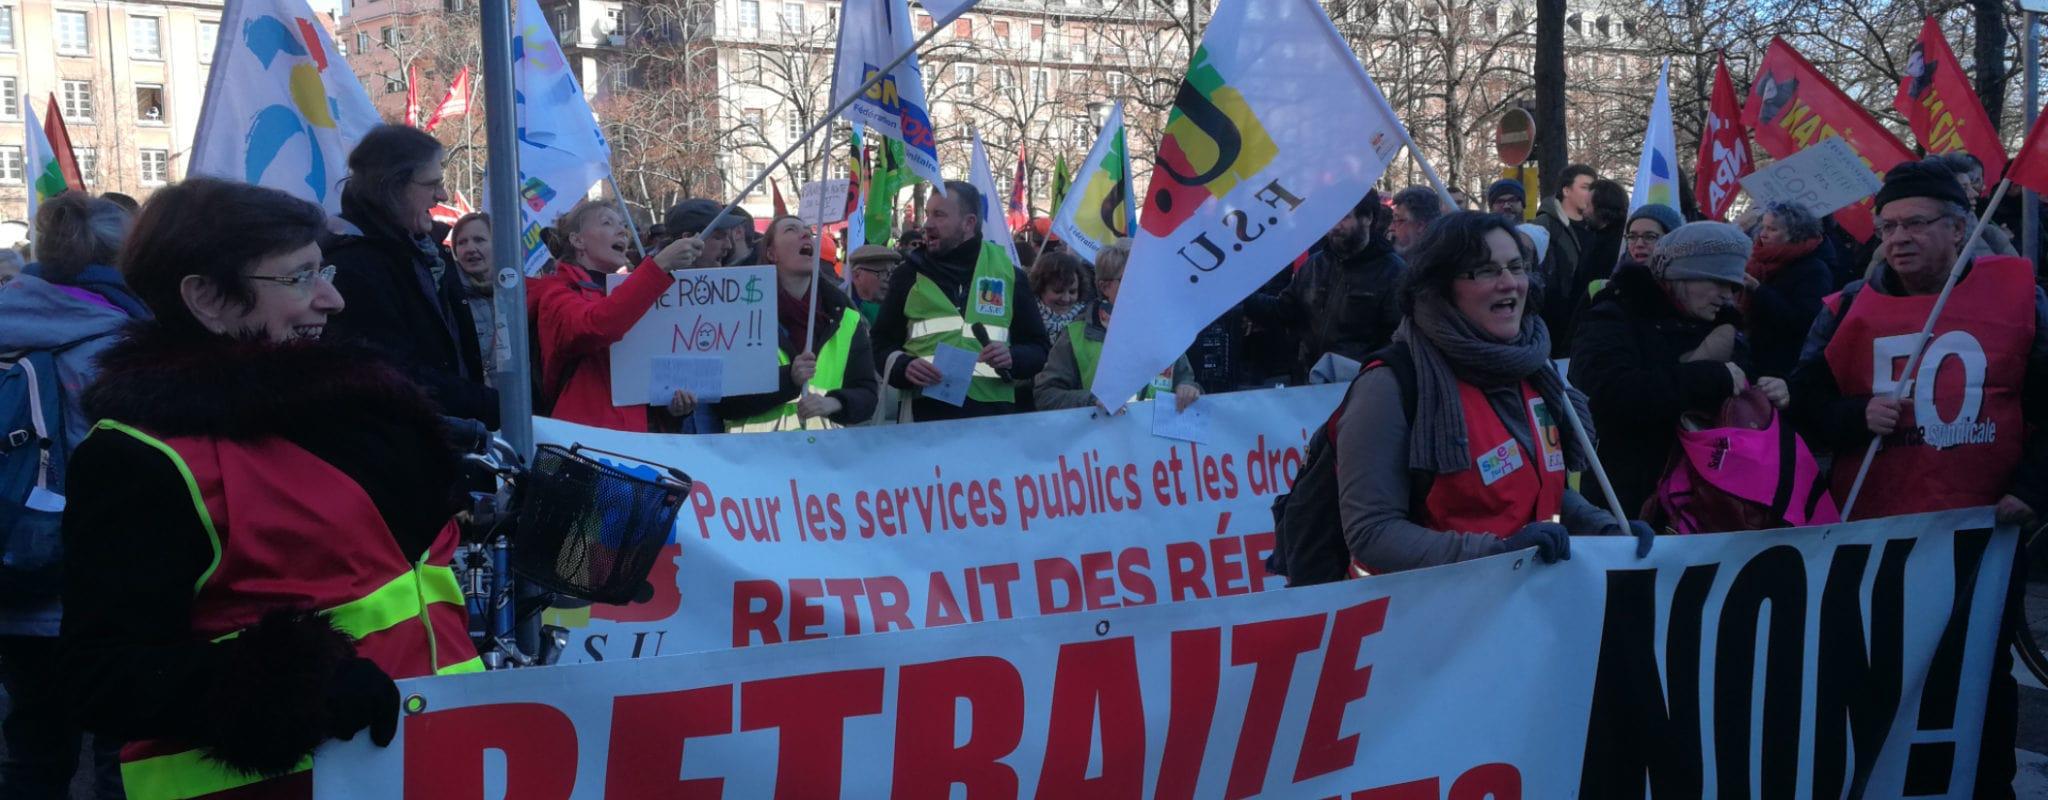 Plus de 2000 personnes toujours mobilisées contre la réforme des retraites